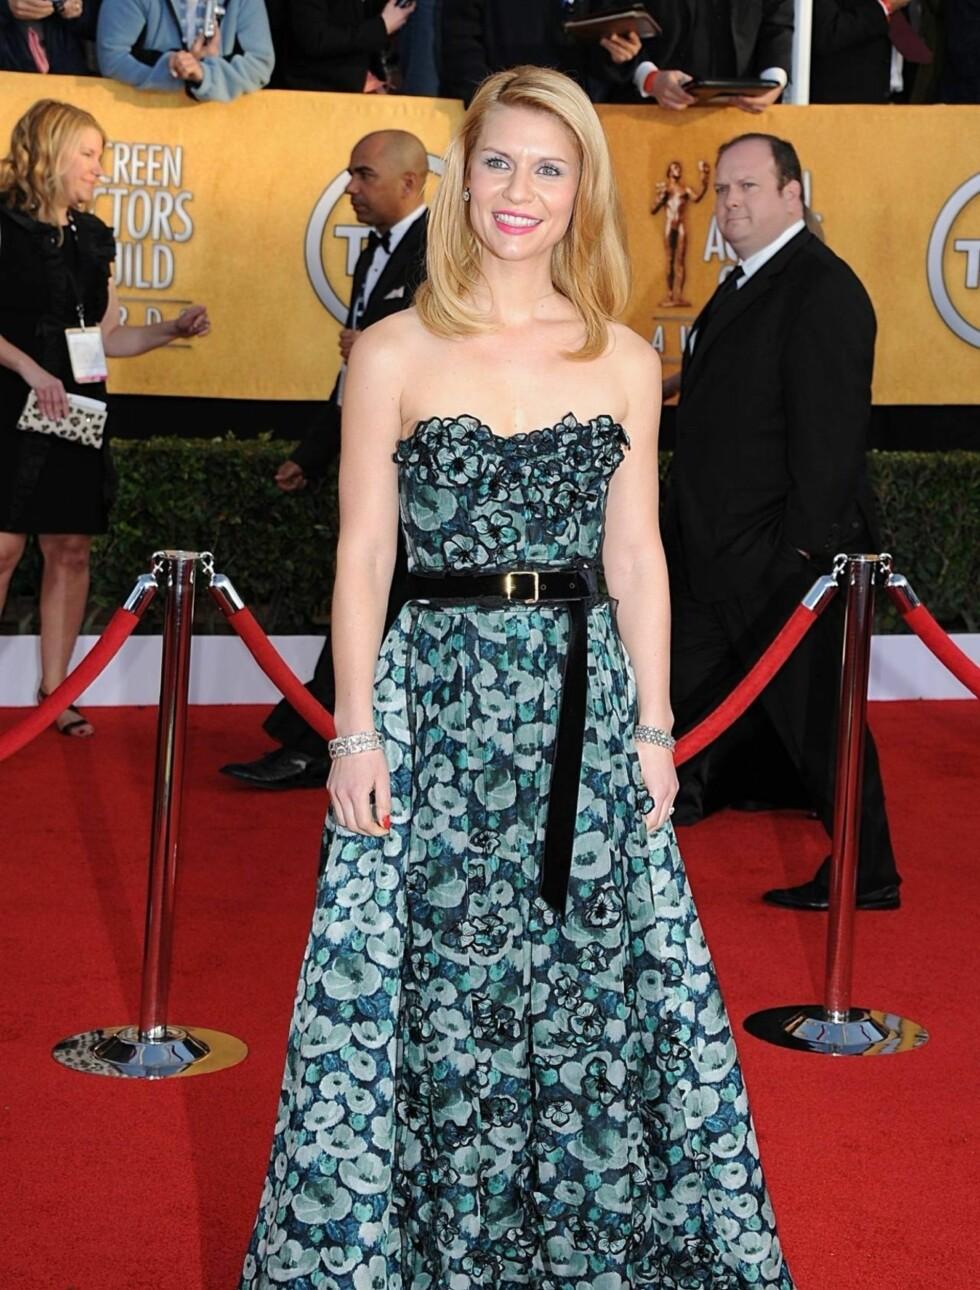 CLAIRE DANES: skuespillerinnen hadde på seg en lekker kjole fra Louis Vuitton og bar smykker fra Fred Leighton.  Foto: Stella Pictures